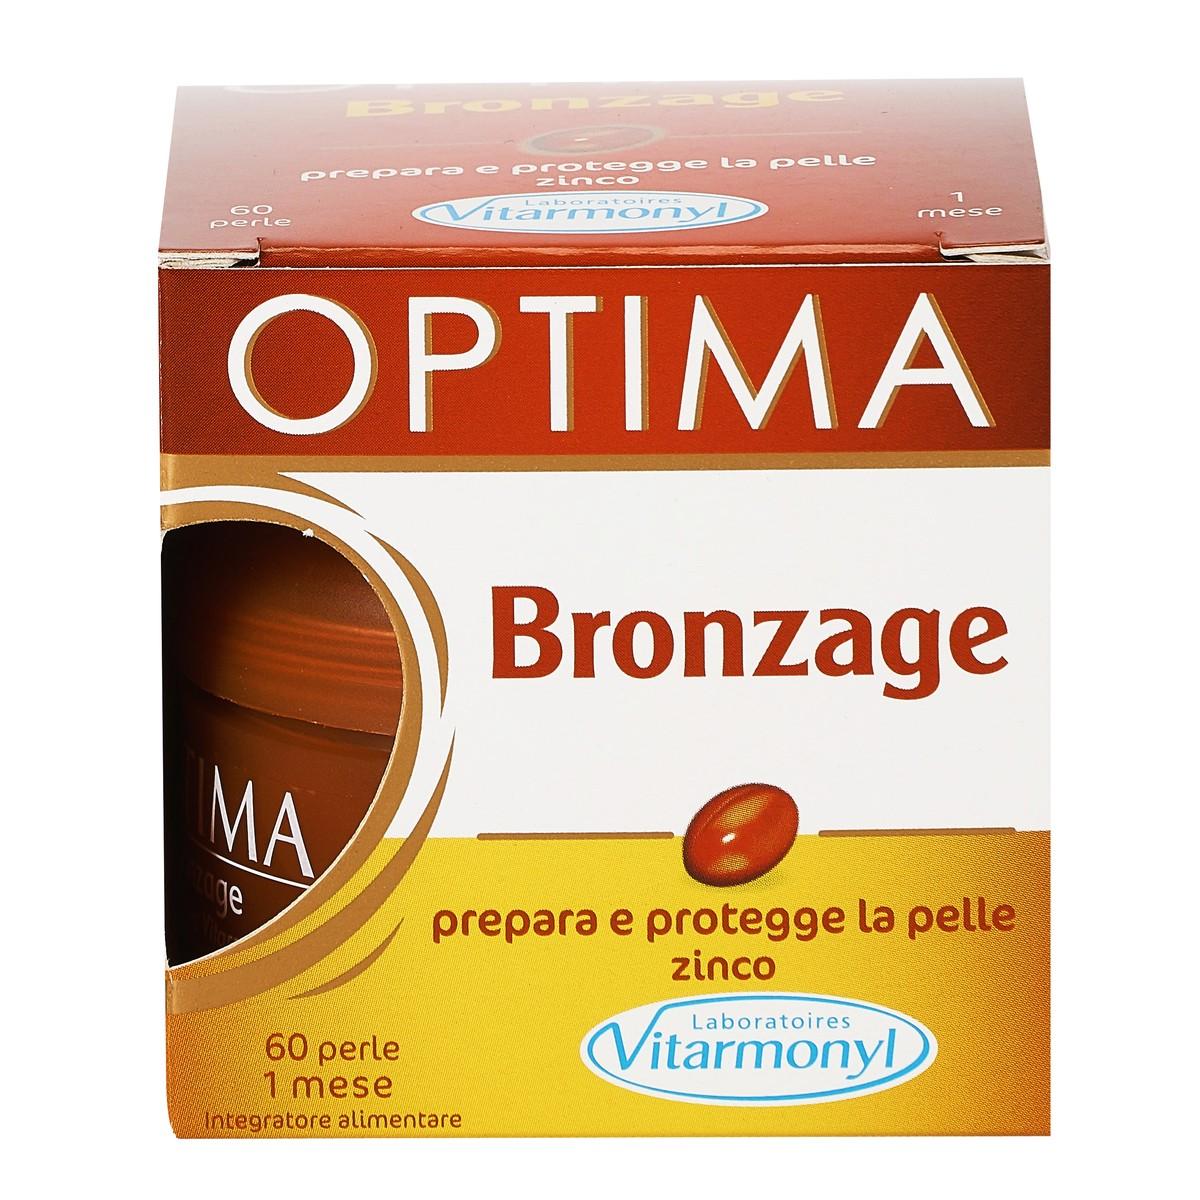 Integratore alimentare Bronzage Optima